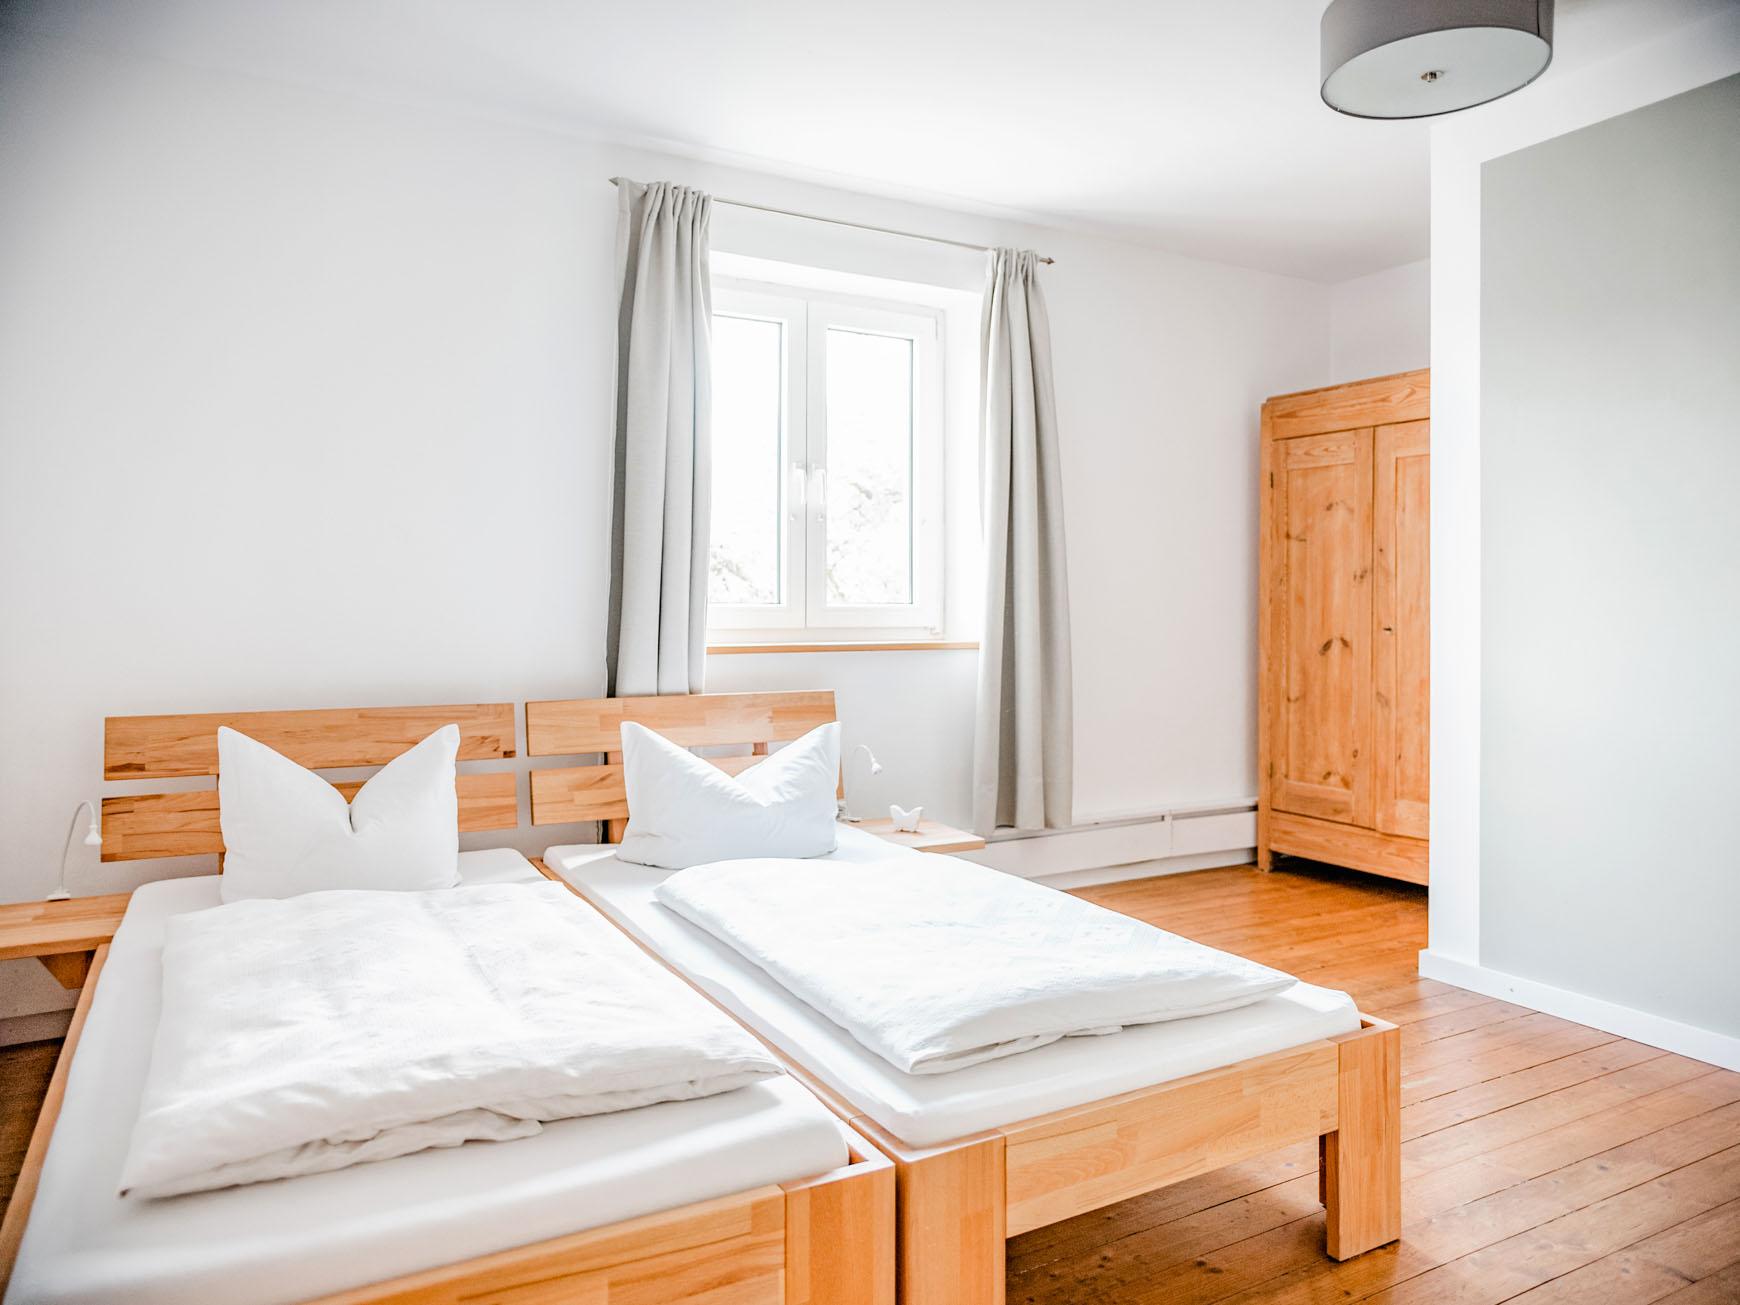 Doppelzimmer - Betten und Schrank